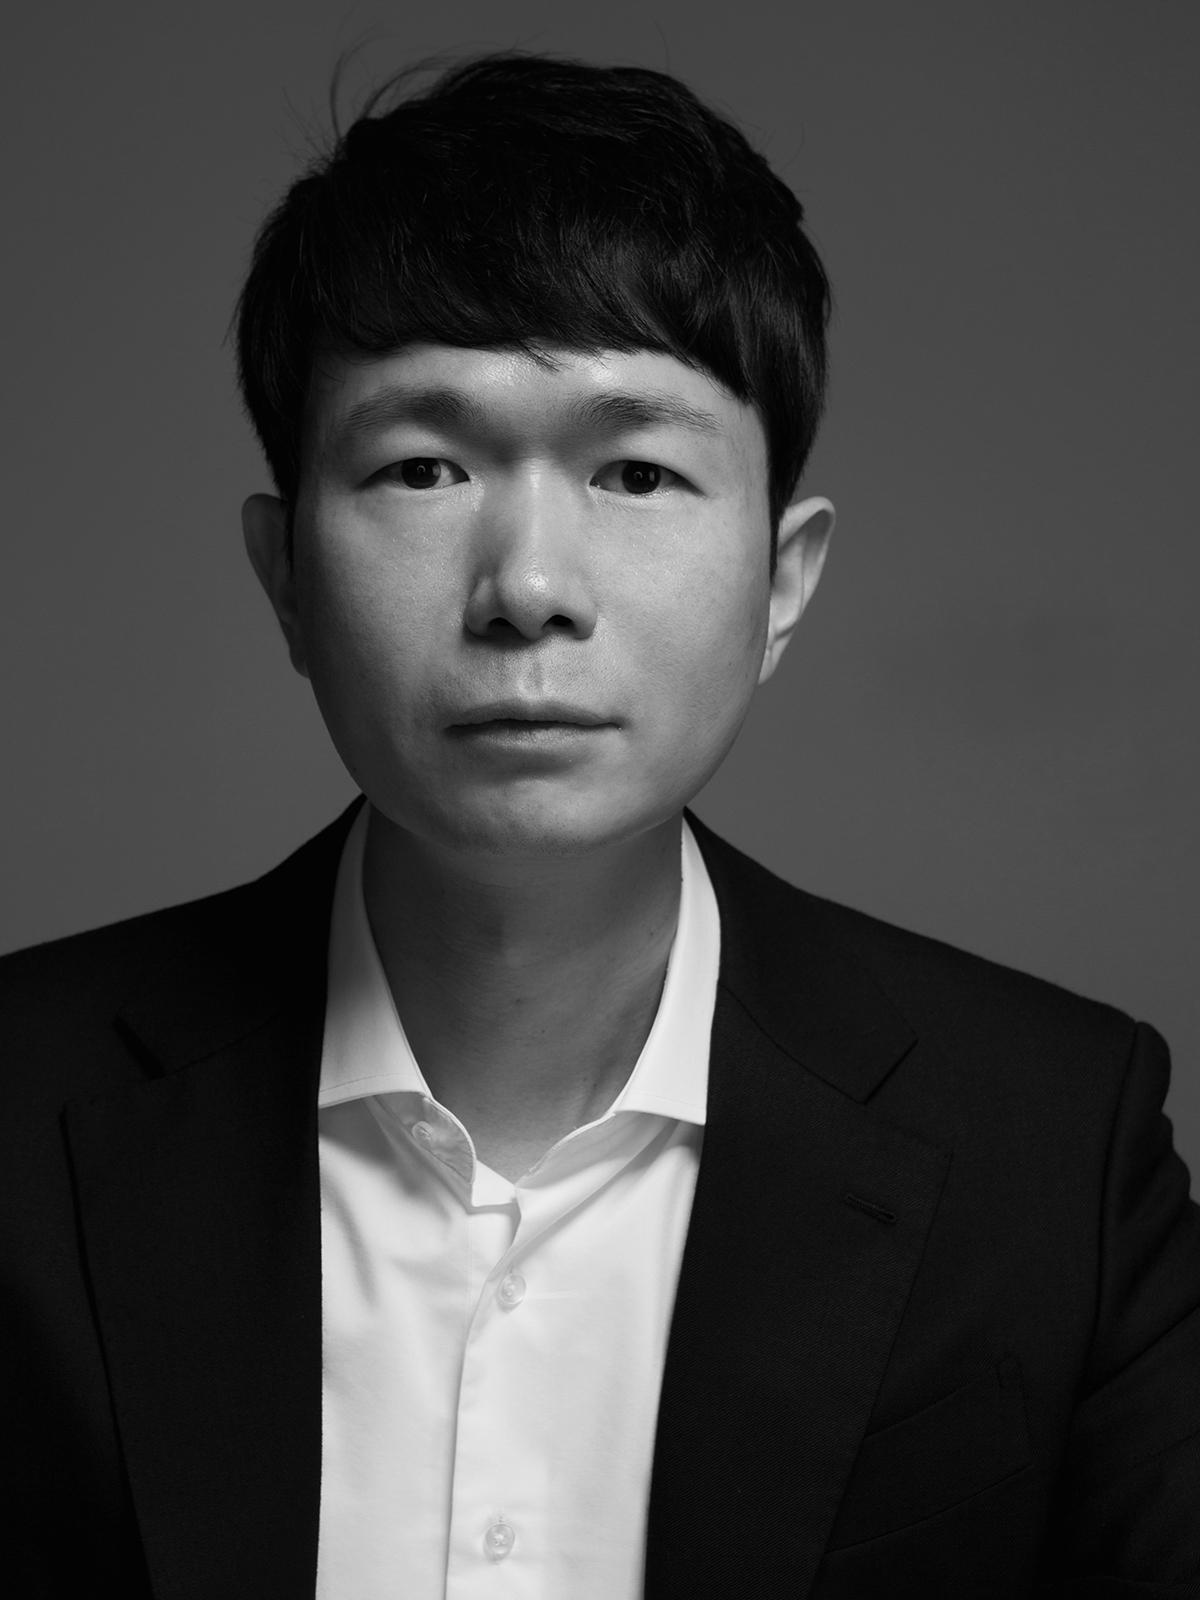 김현대 프로필 사진